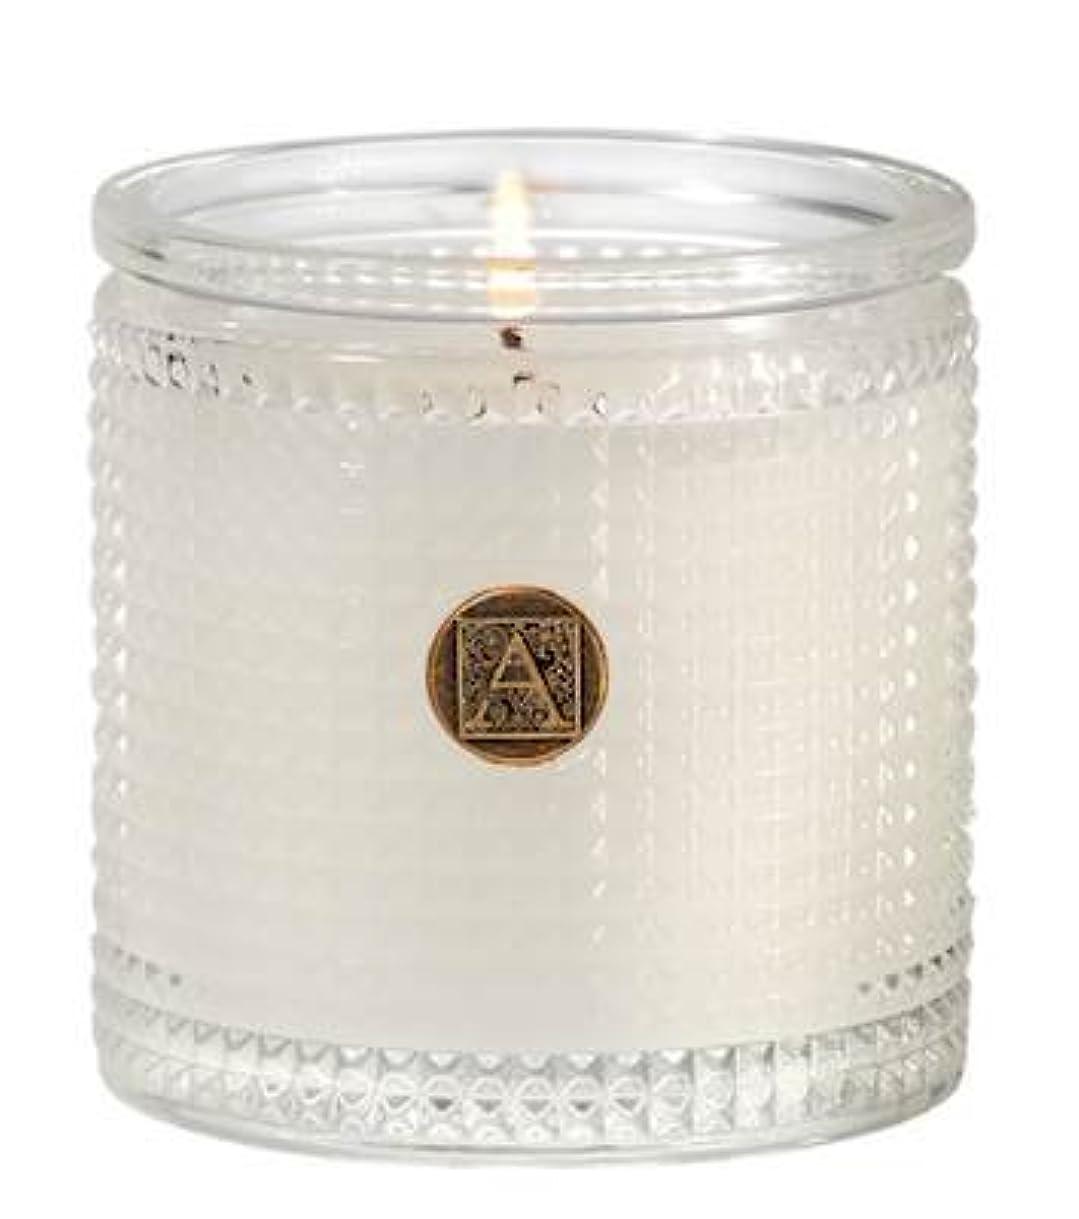 私プレゼンテーション肉腫Aromatique BourbonベルガモットTexturedガラス香りつきJar Candle